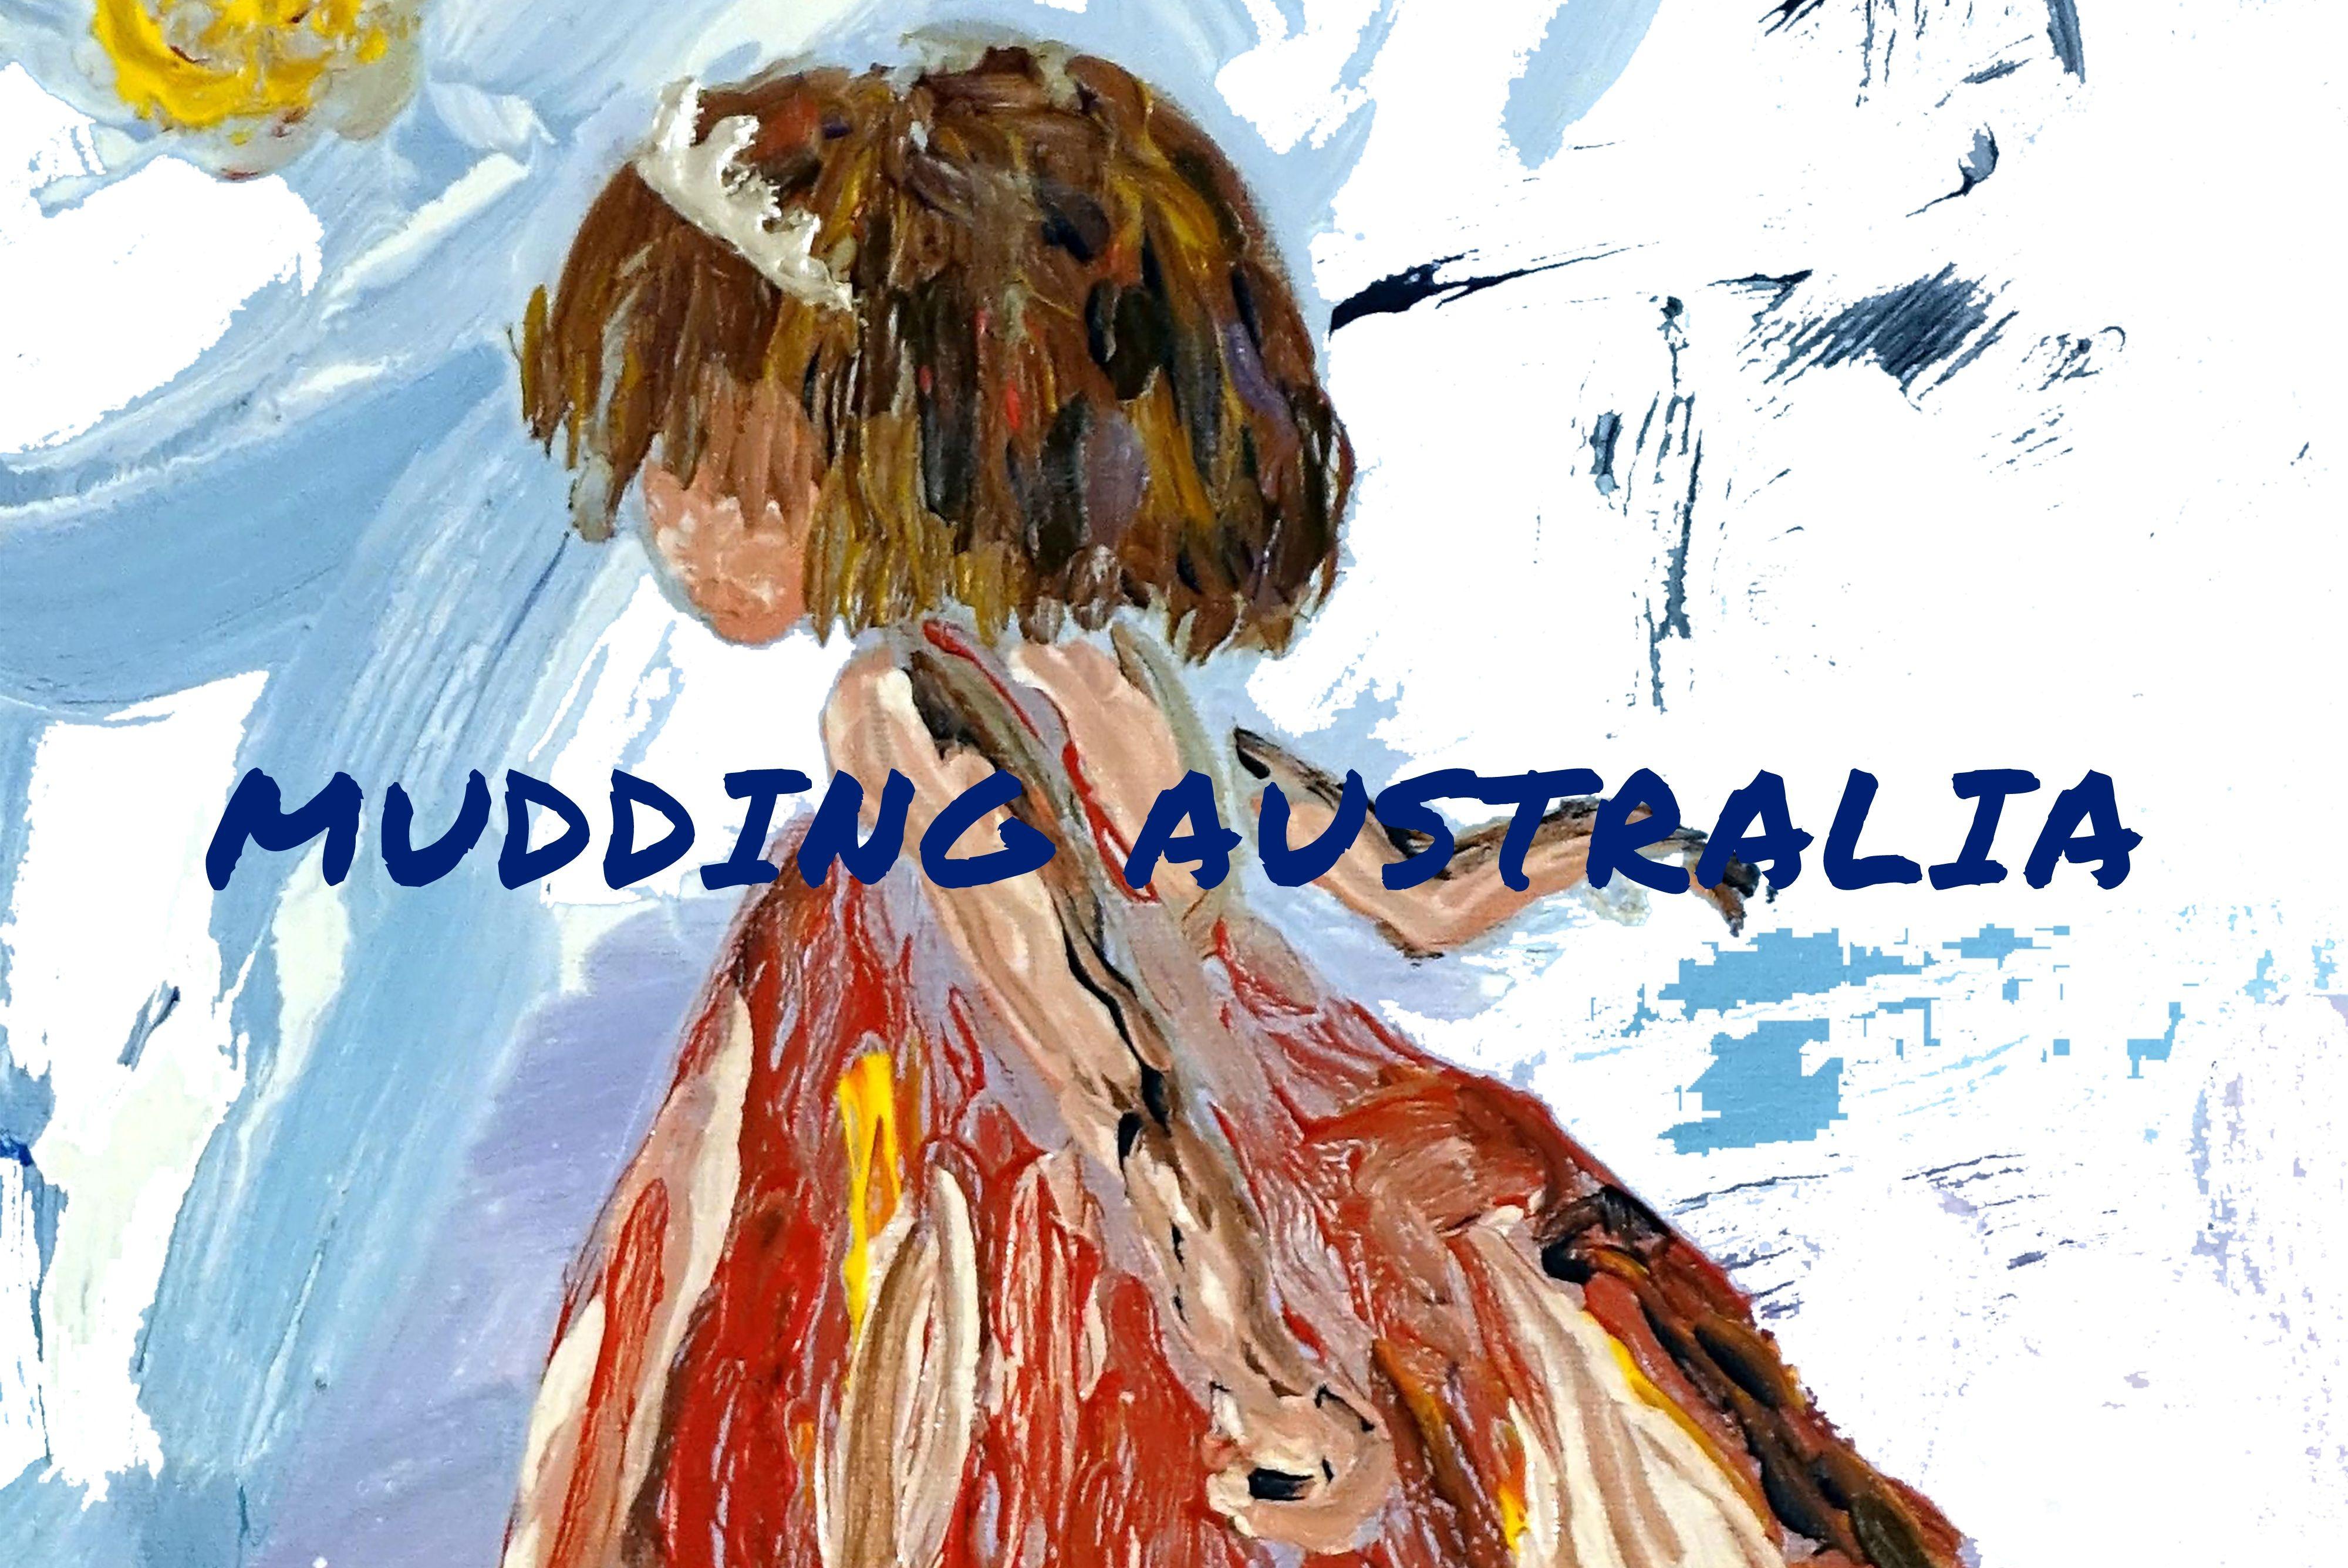 Mudding Australia